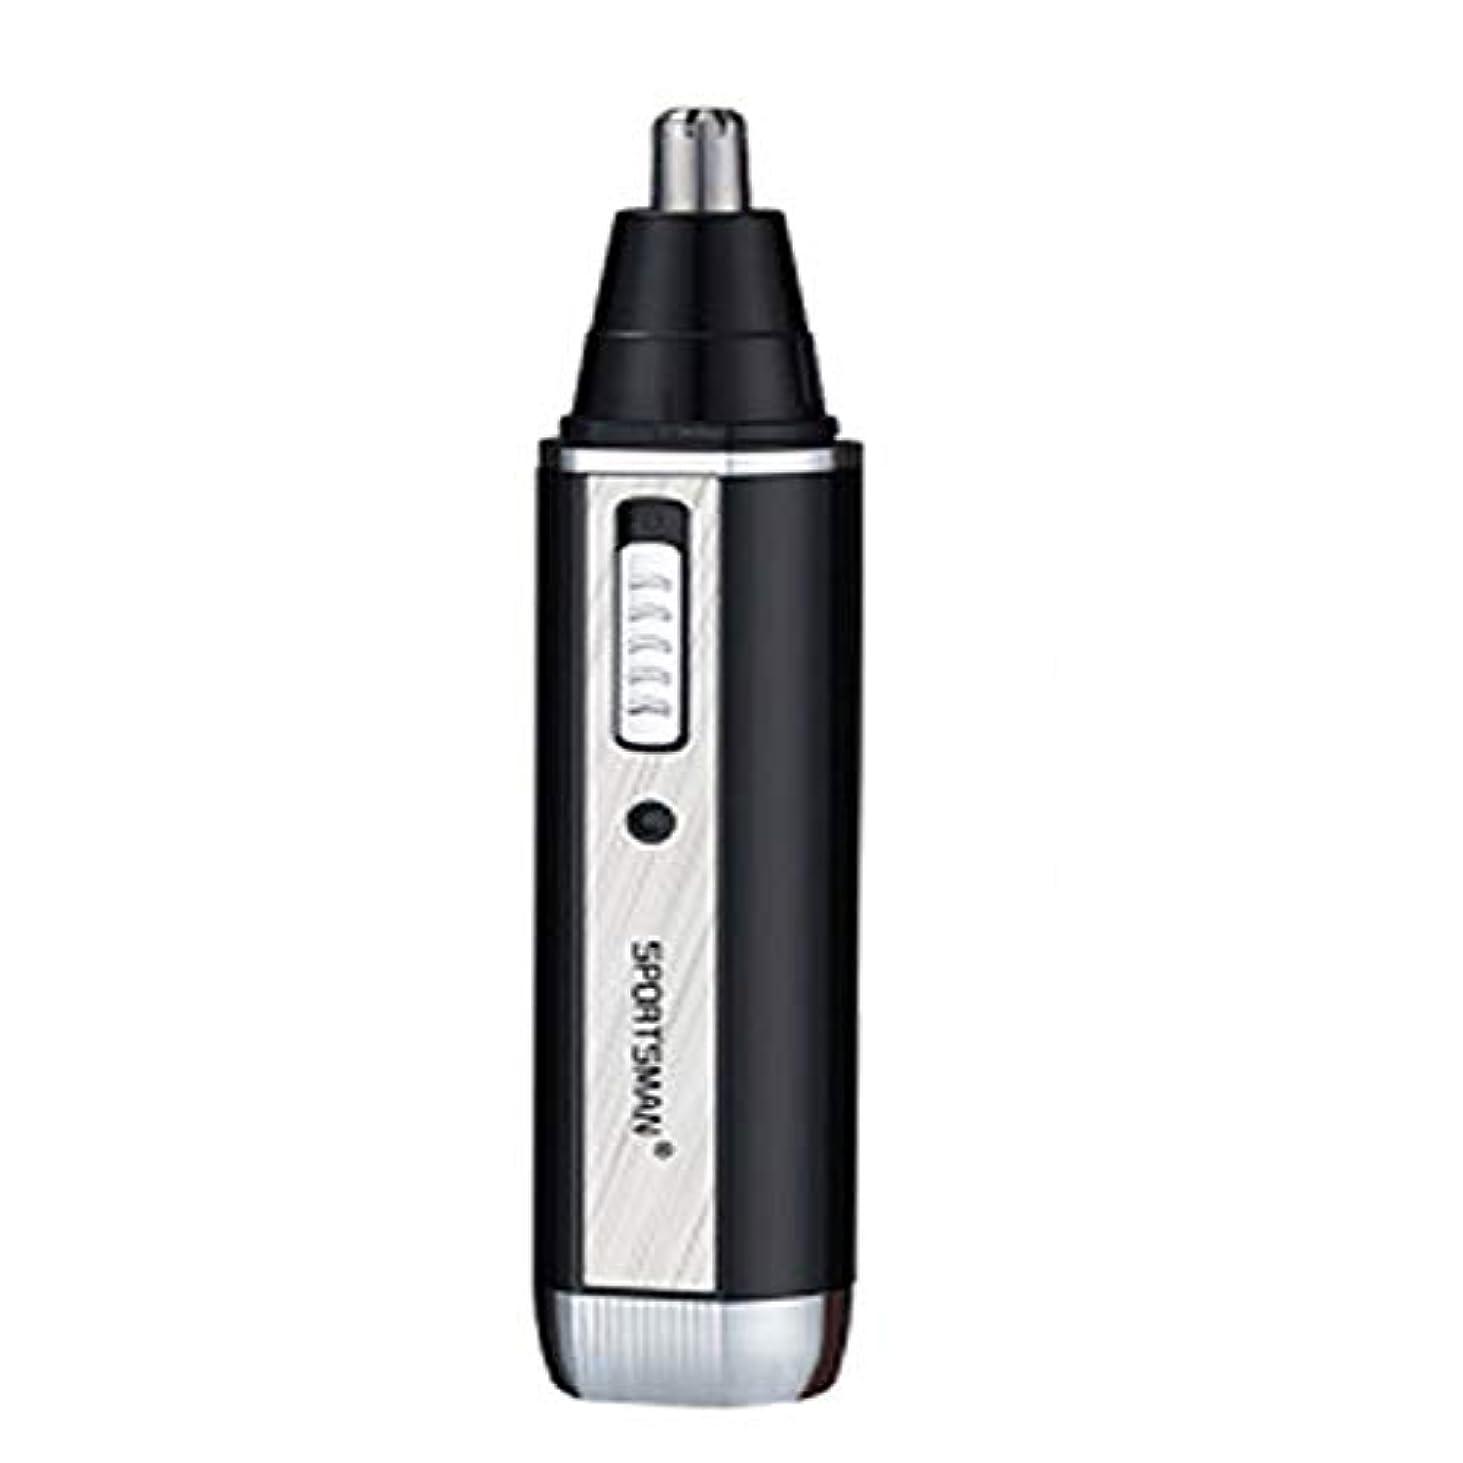 重さ物理的な洗う鼻のヘアトリマーは、男性と女性のための50 dB以下の内部360°回転設計の保護カバーノイズで、使いやすく、そして掃除がしやすいです。